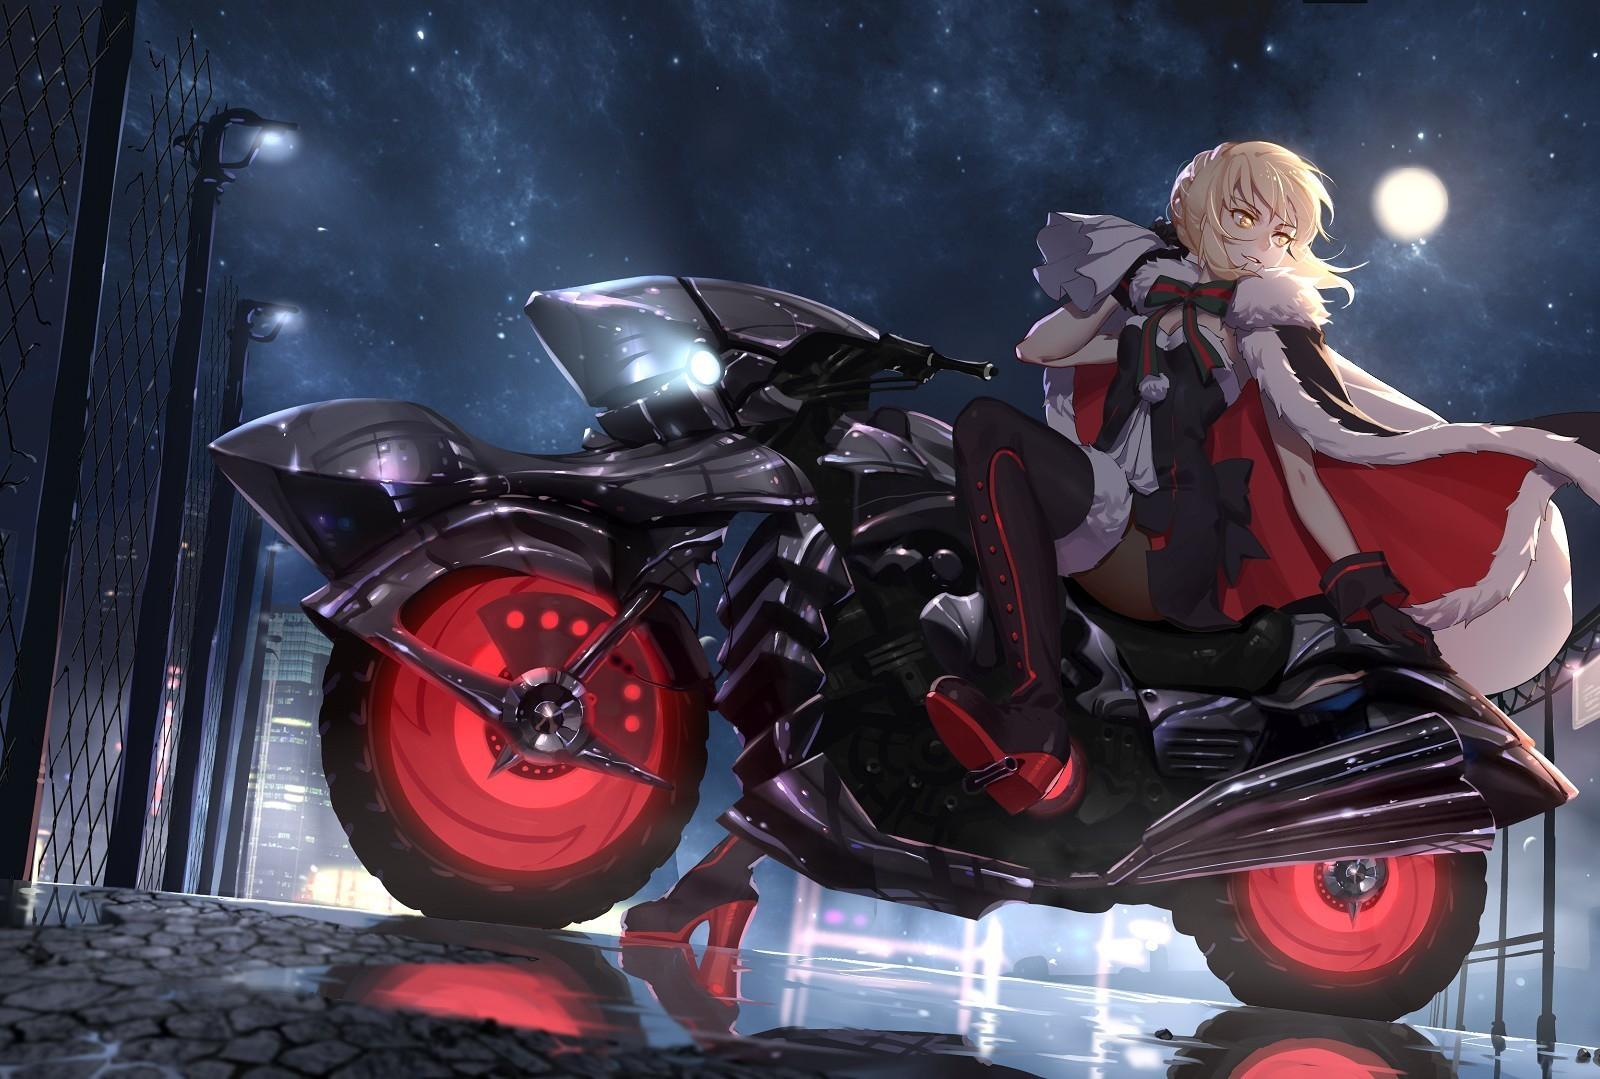 Download 98 Background Anime Motor Terbaik